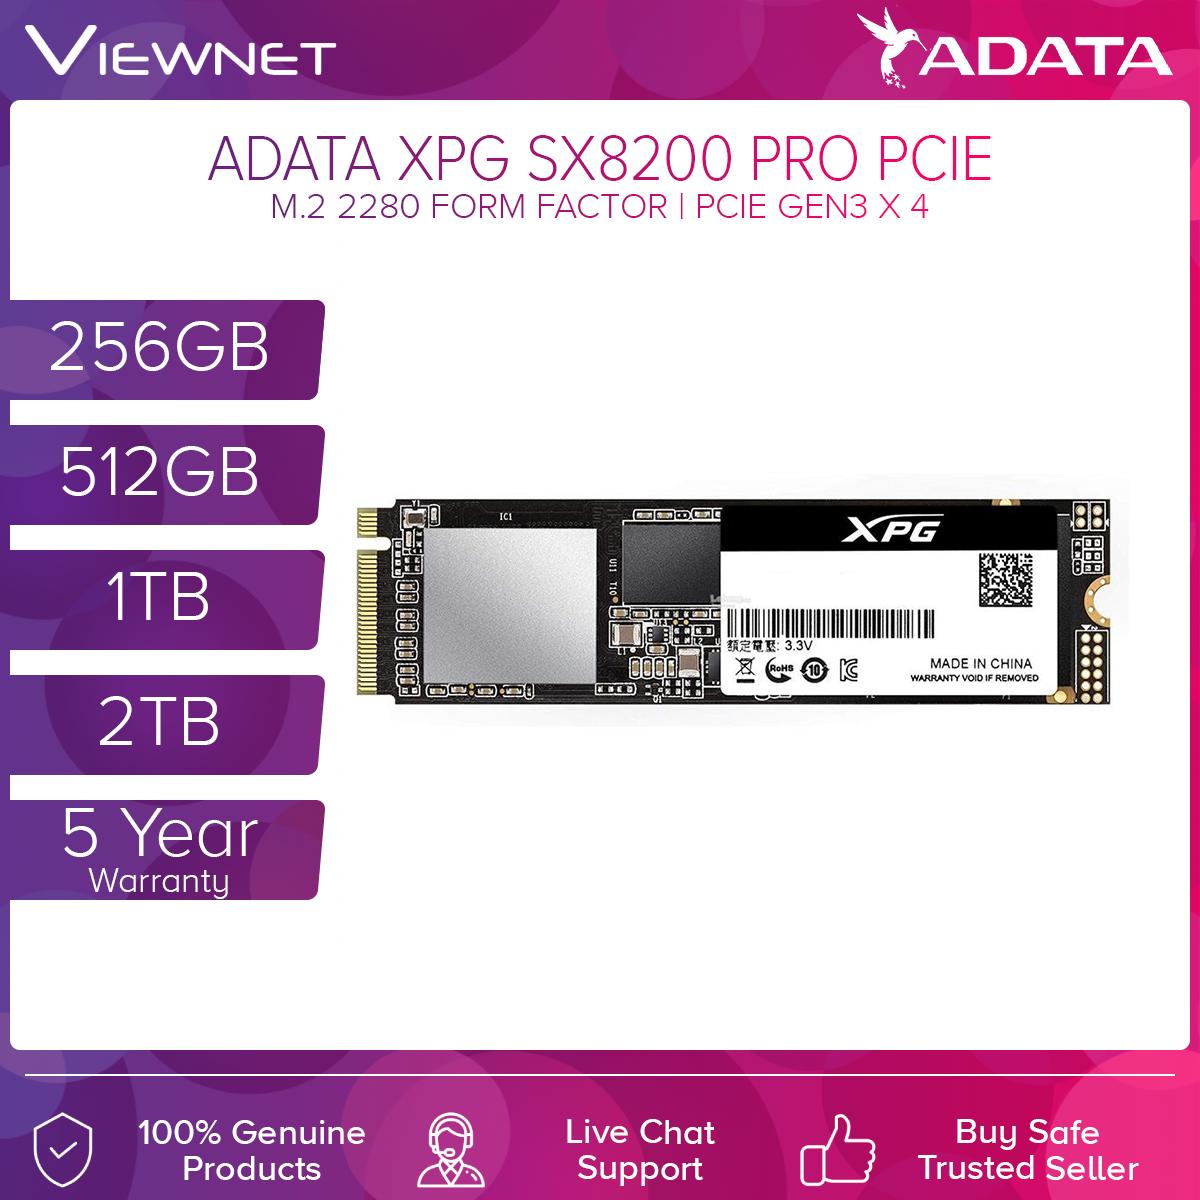 Adata XPG SX8200 PRO PCIe M.2 2280 Solid State Drive 256GB/512GB/1TB/2TB